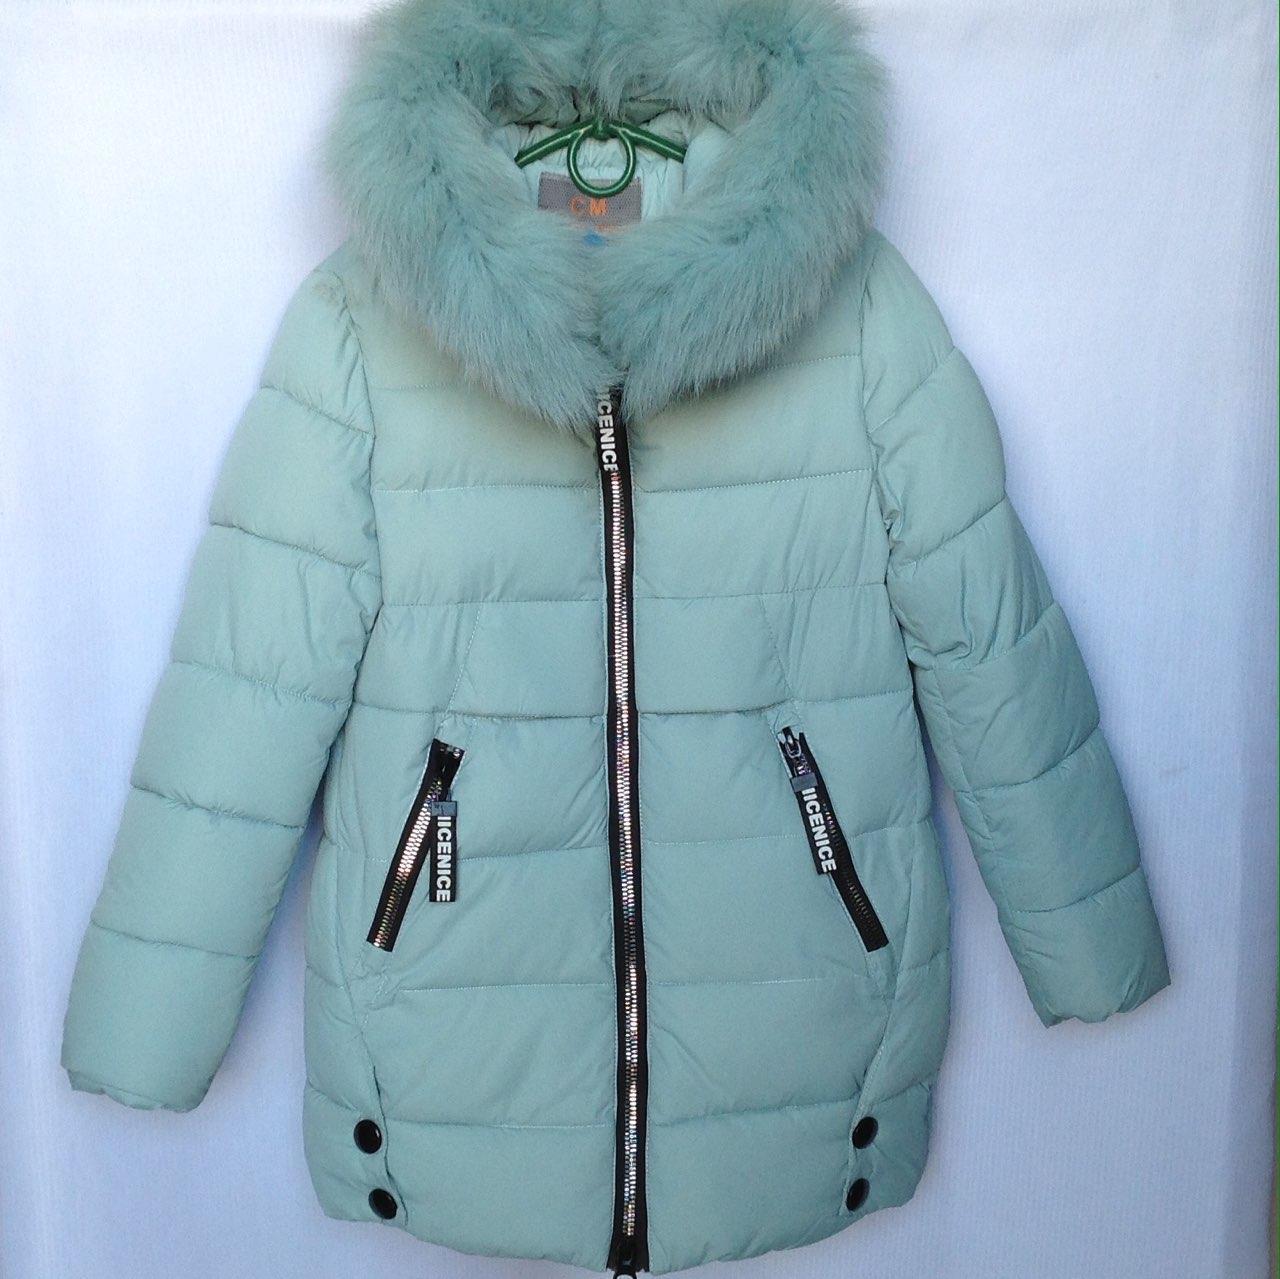 Куртка подростковая зимняя CM #HM-02 для девочек. 128-152 см (8-12 лет). Небесная. Оптом.